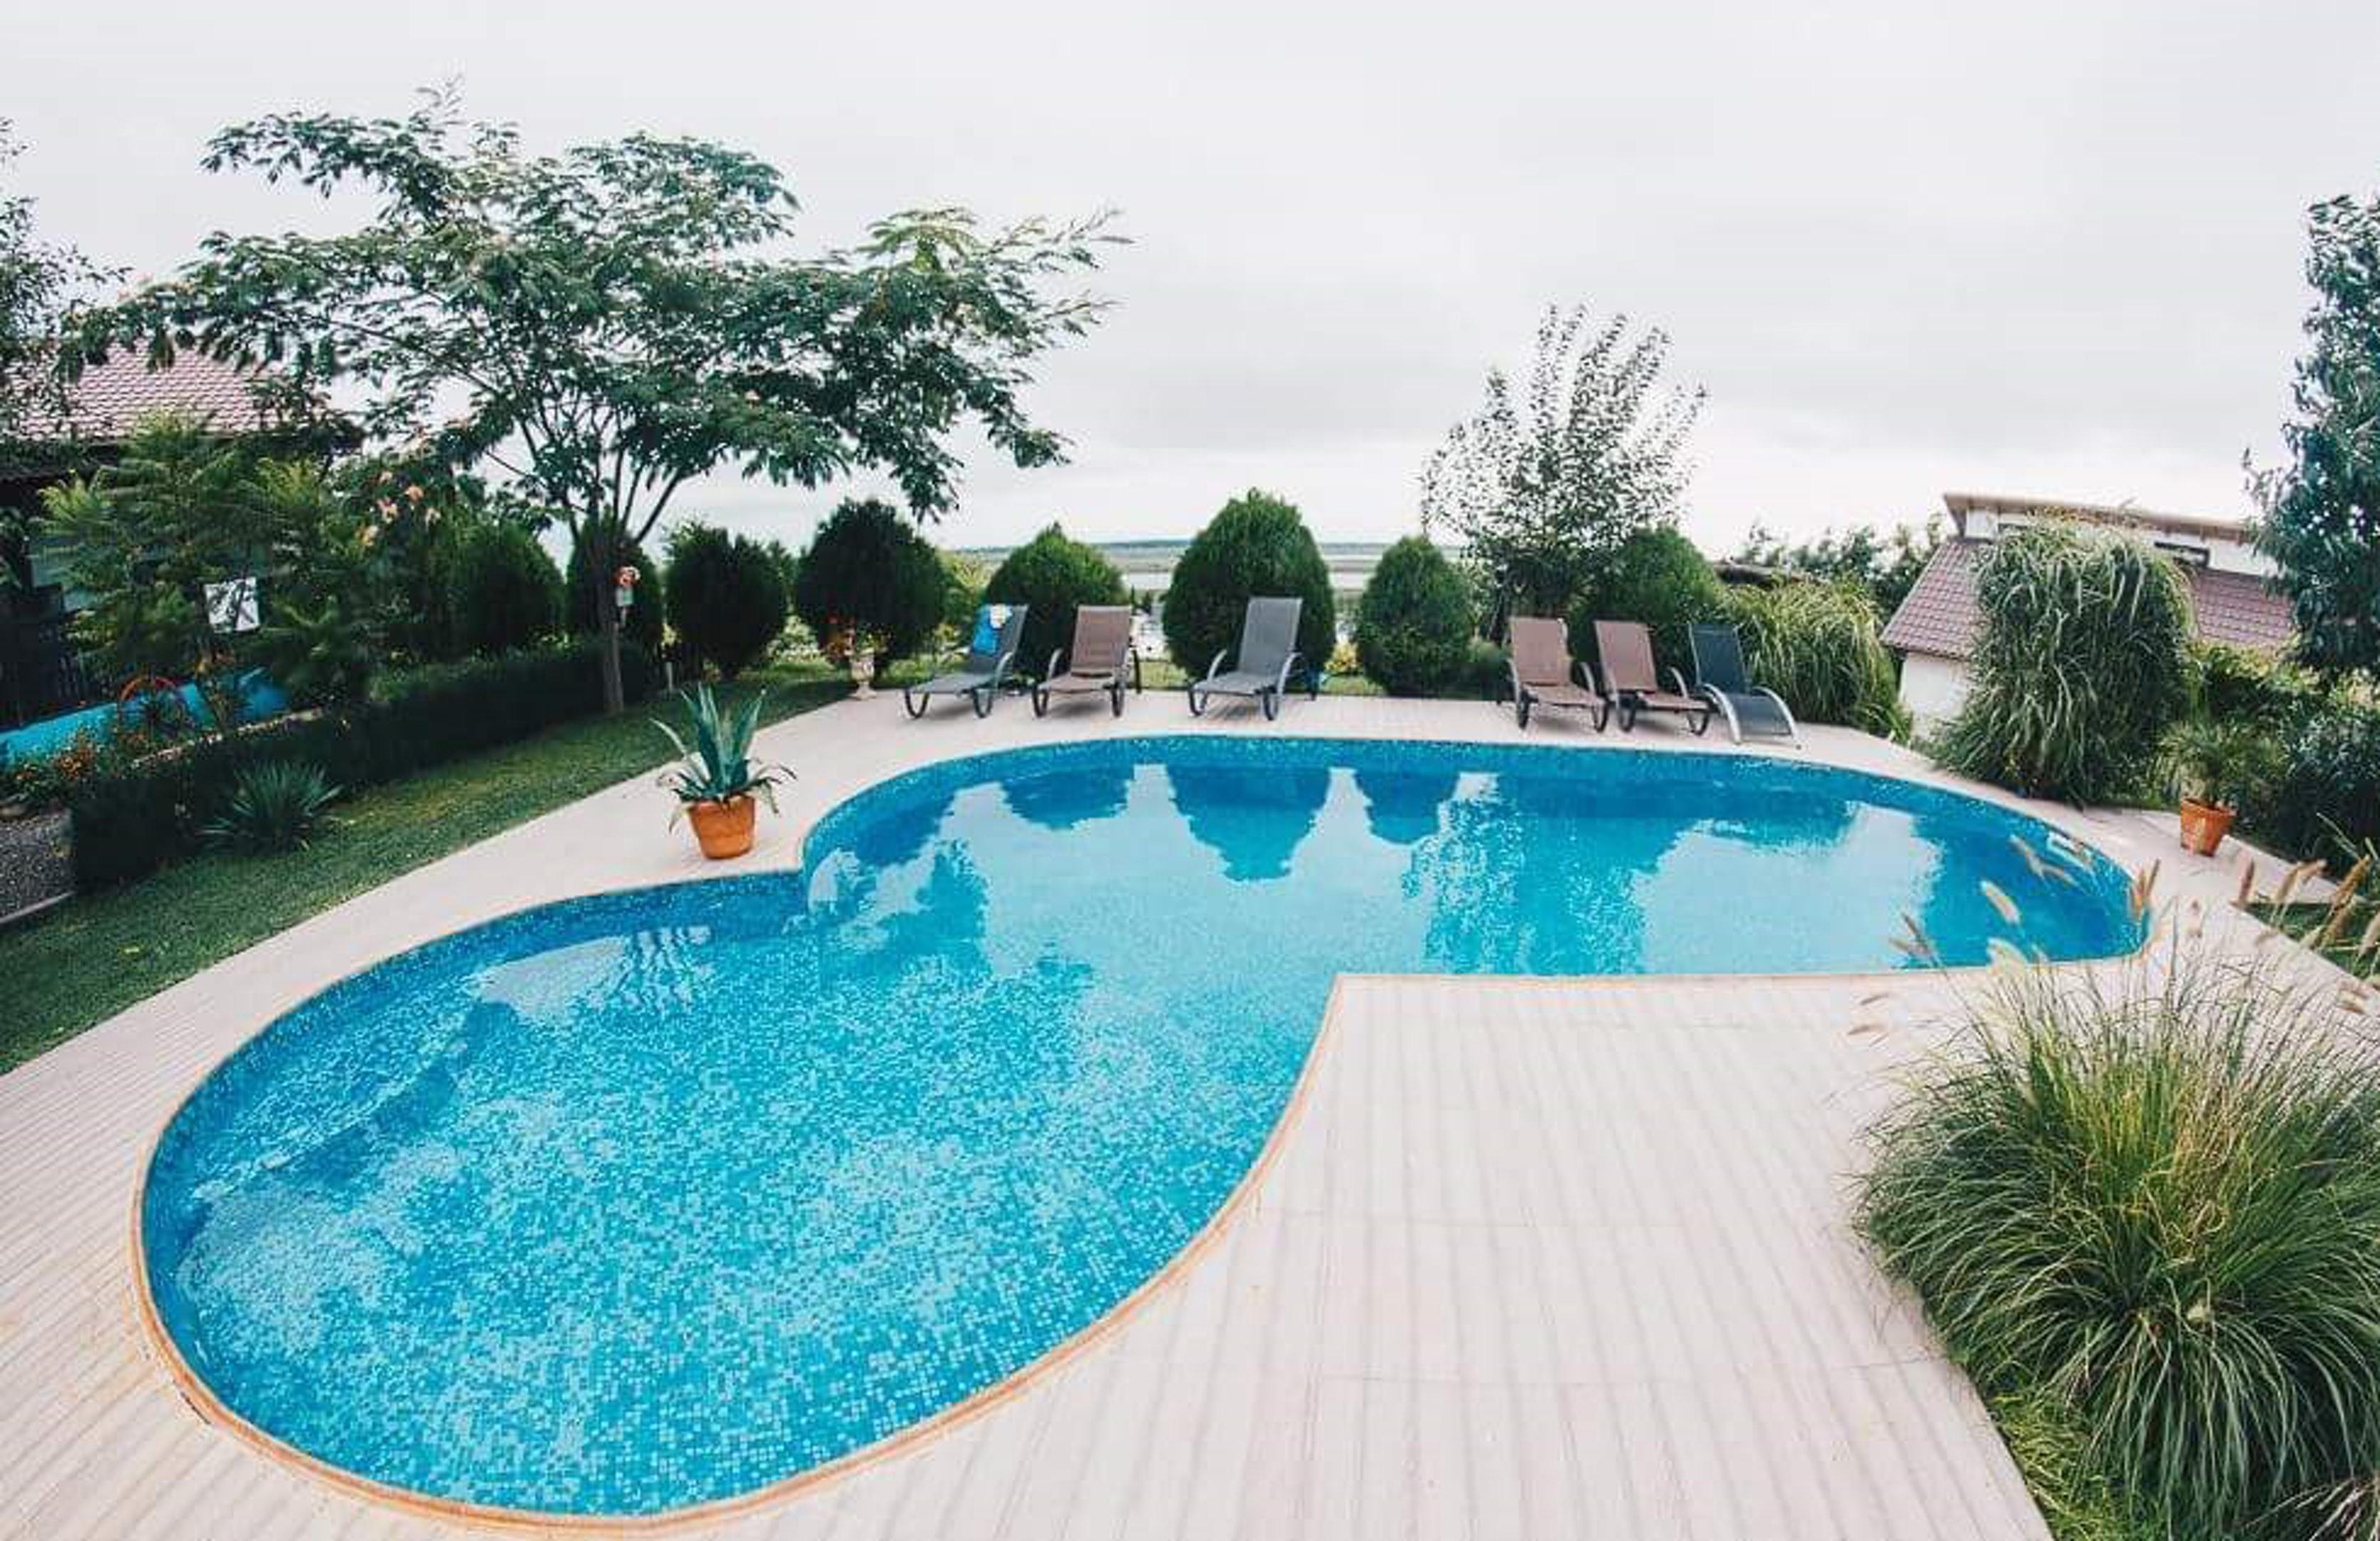 Haus mit 3 Schlafzimmern in Somova mit Pool, m&oum Ferienhaus in Rumänien